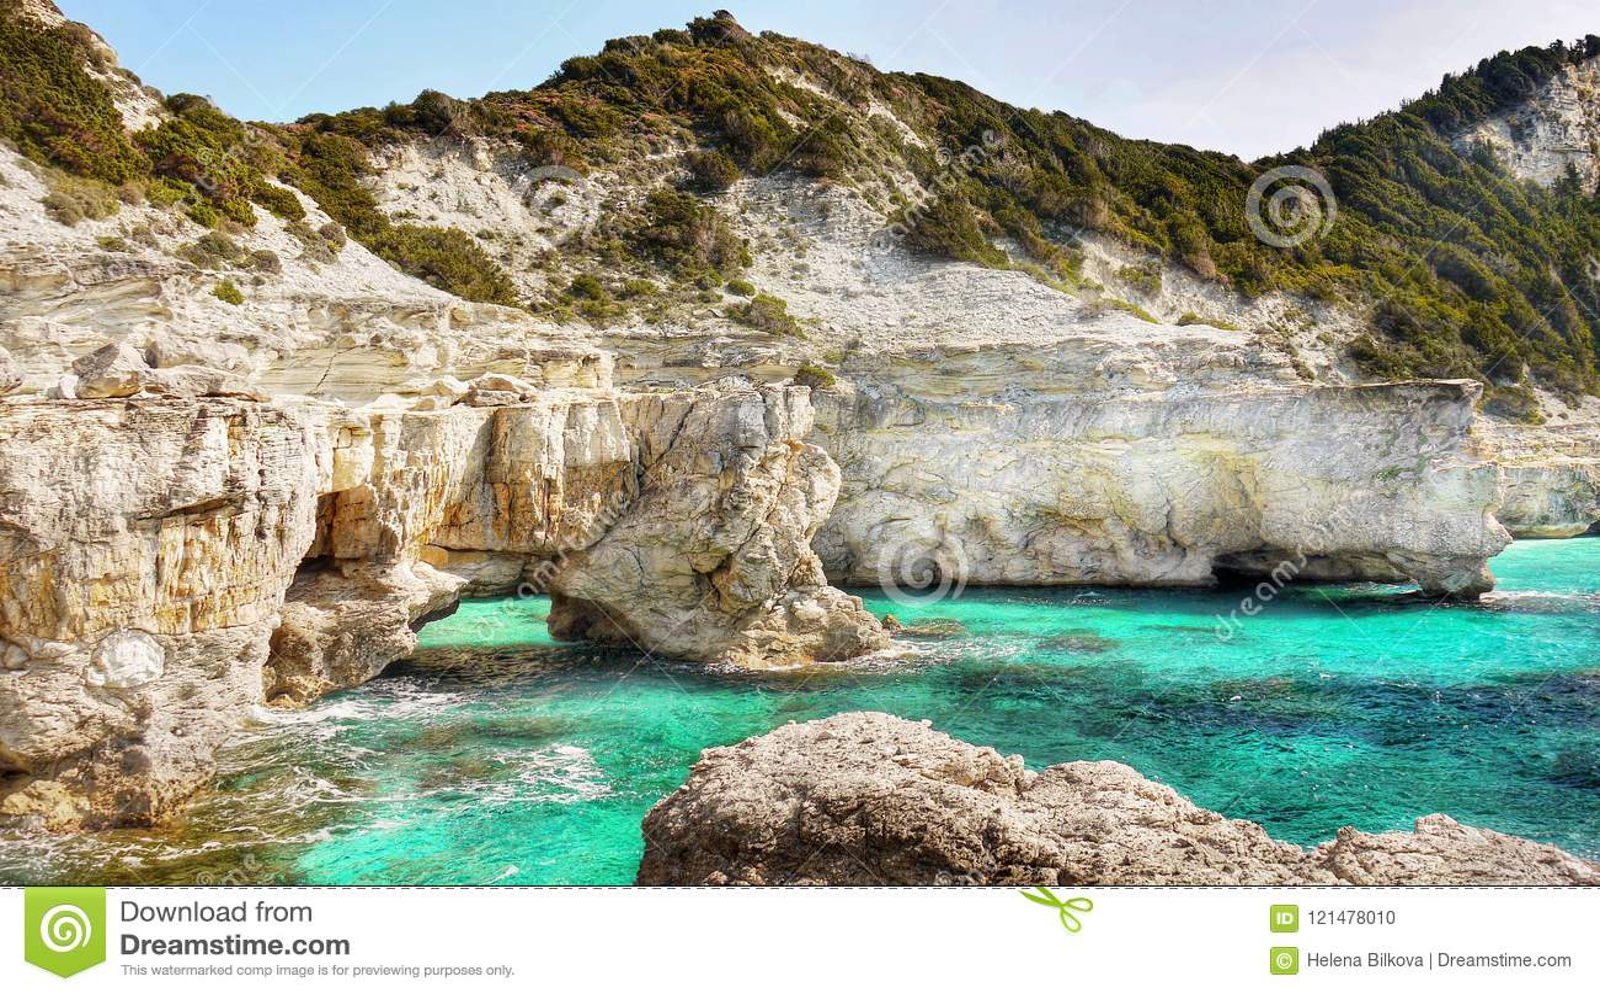 Παραλίες τοπίων ακτών, ελληνικά νησιά, Κυκλάδες